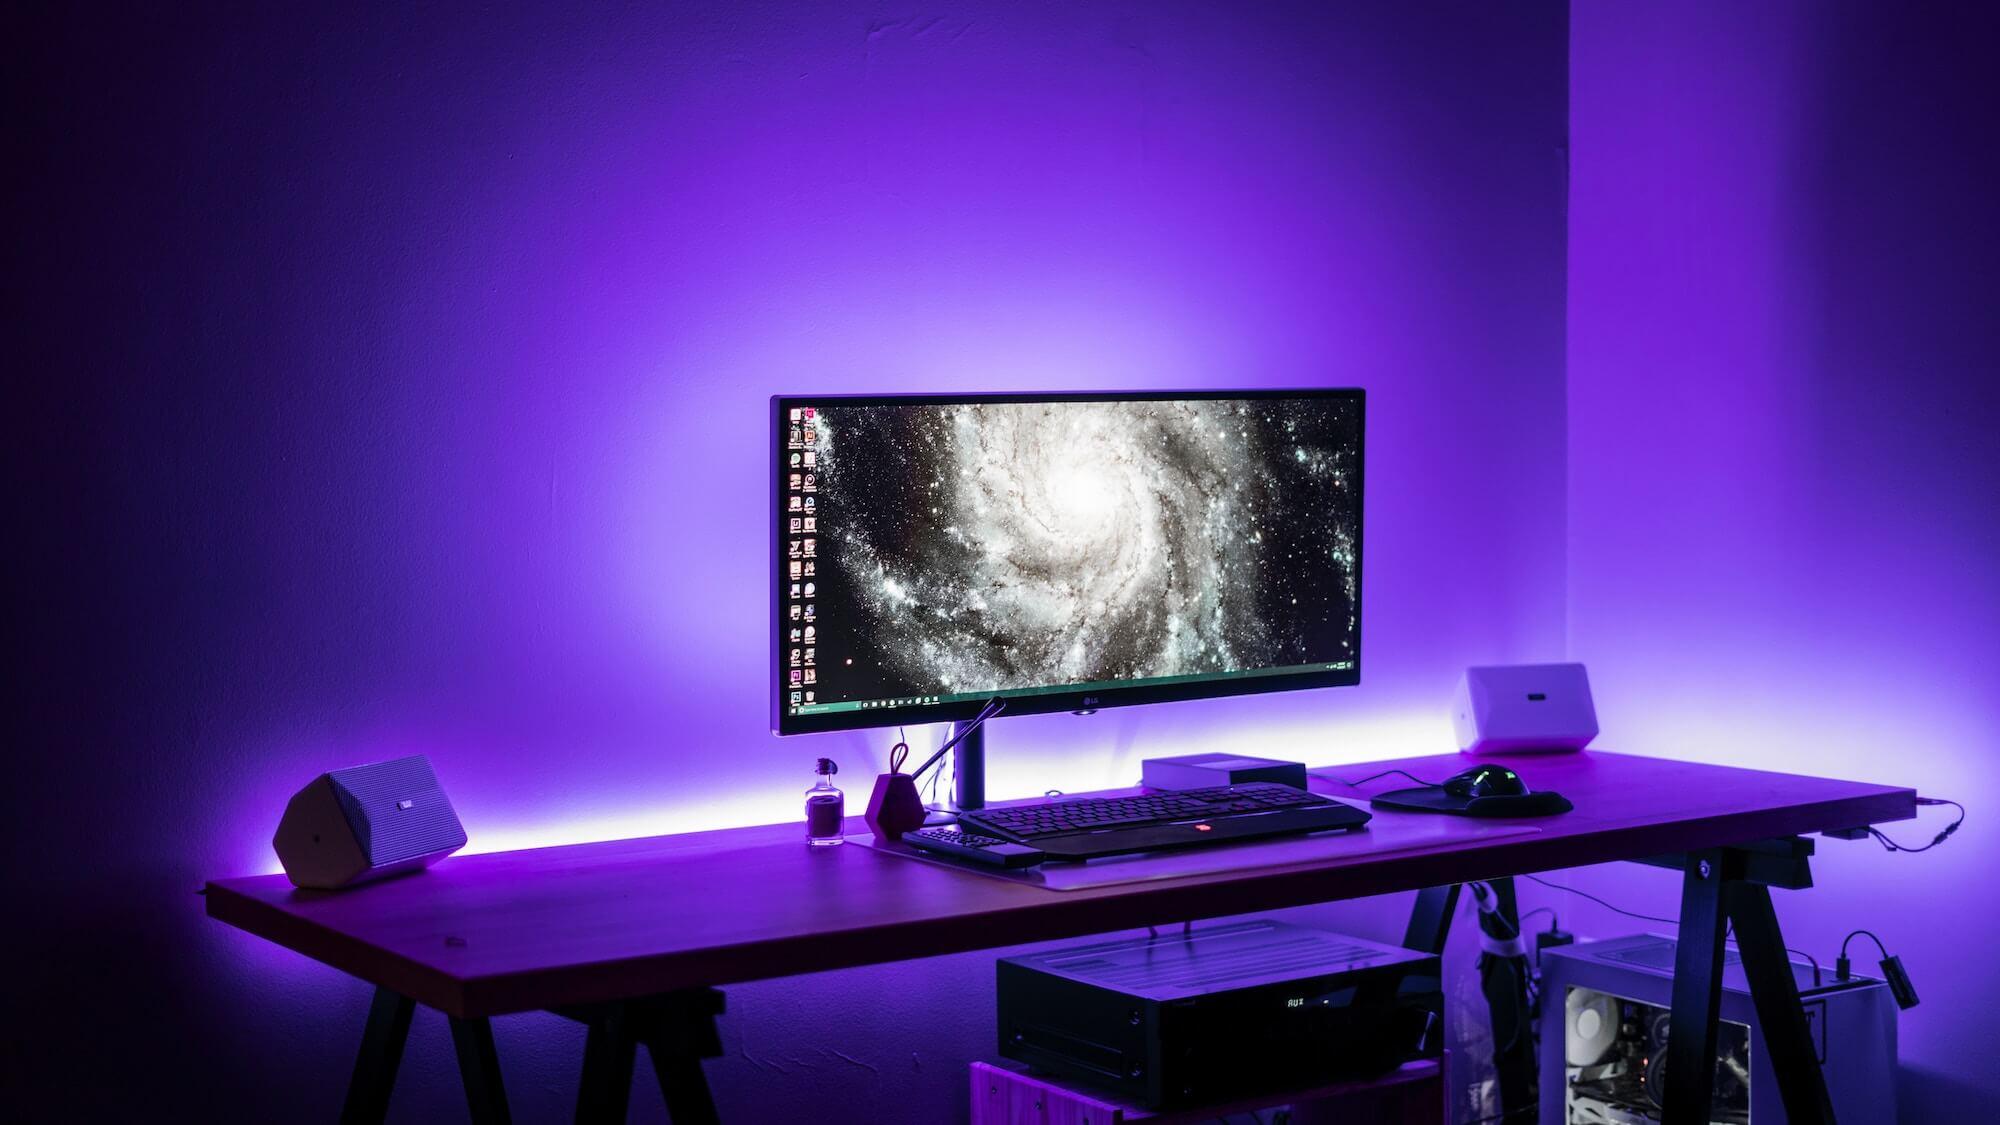 cosmic desktop computer